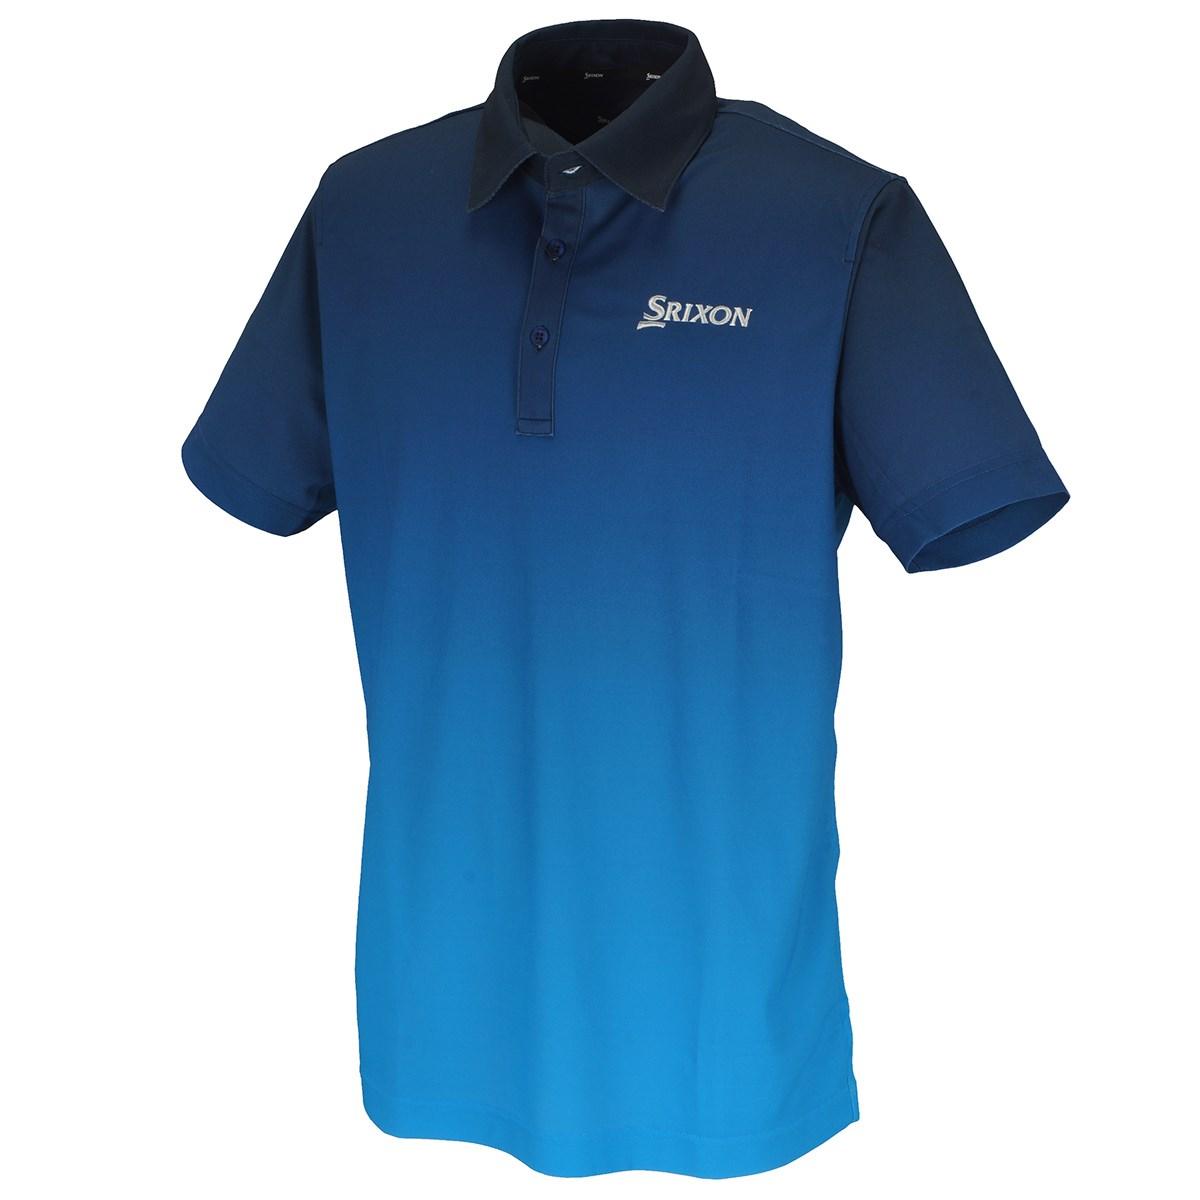 スリクソンゴルフ SRIXON COOLISTグラデーションプリント 半袖ポロシャツ M ネイビー 00